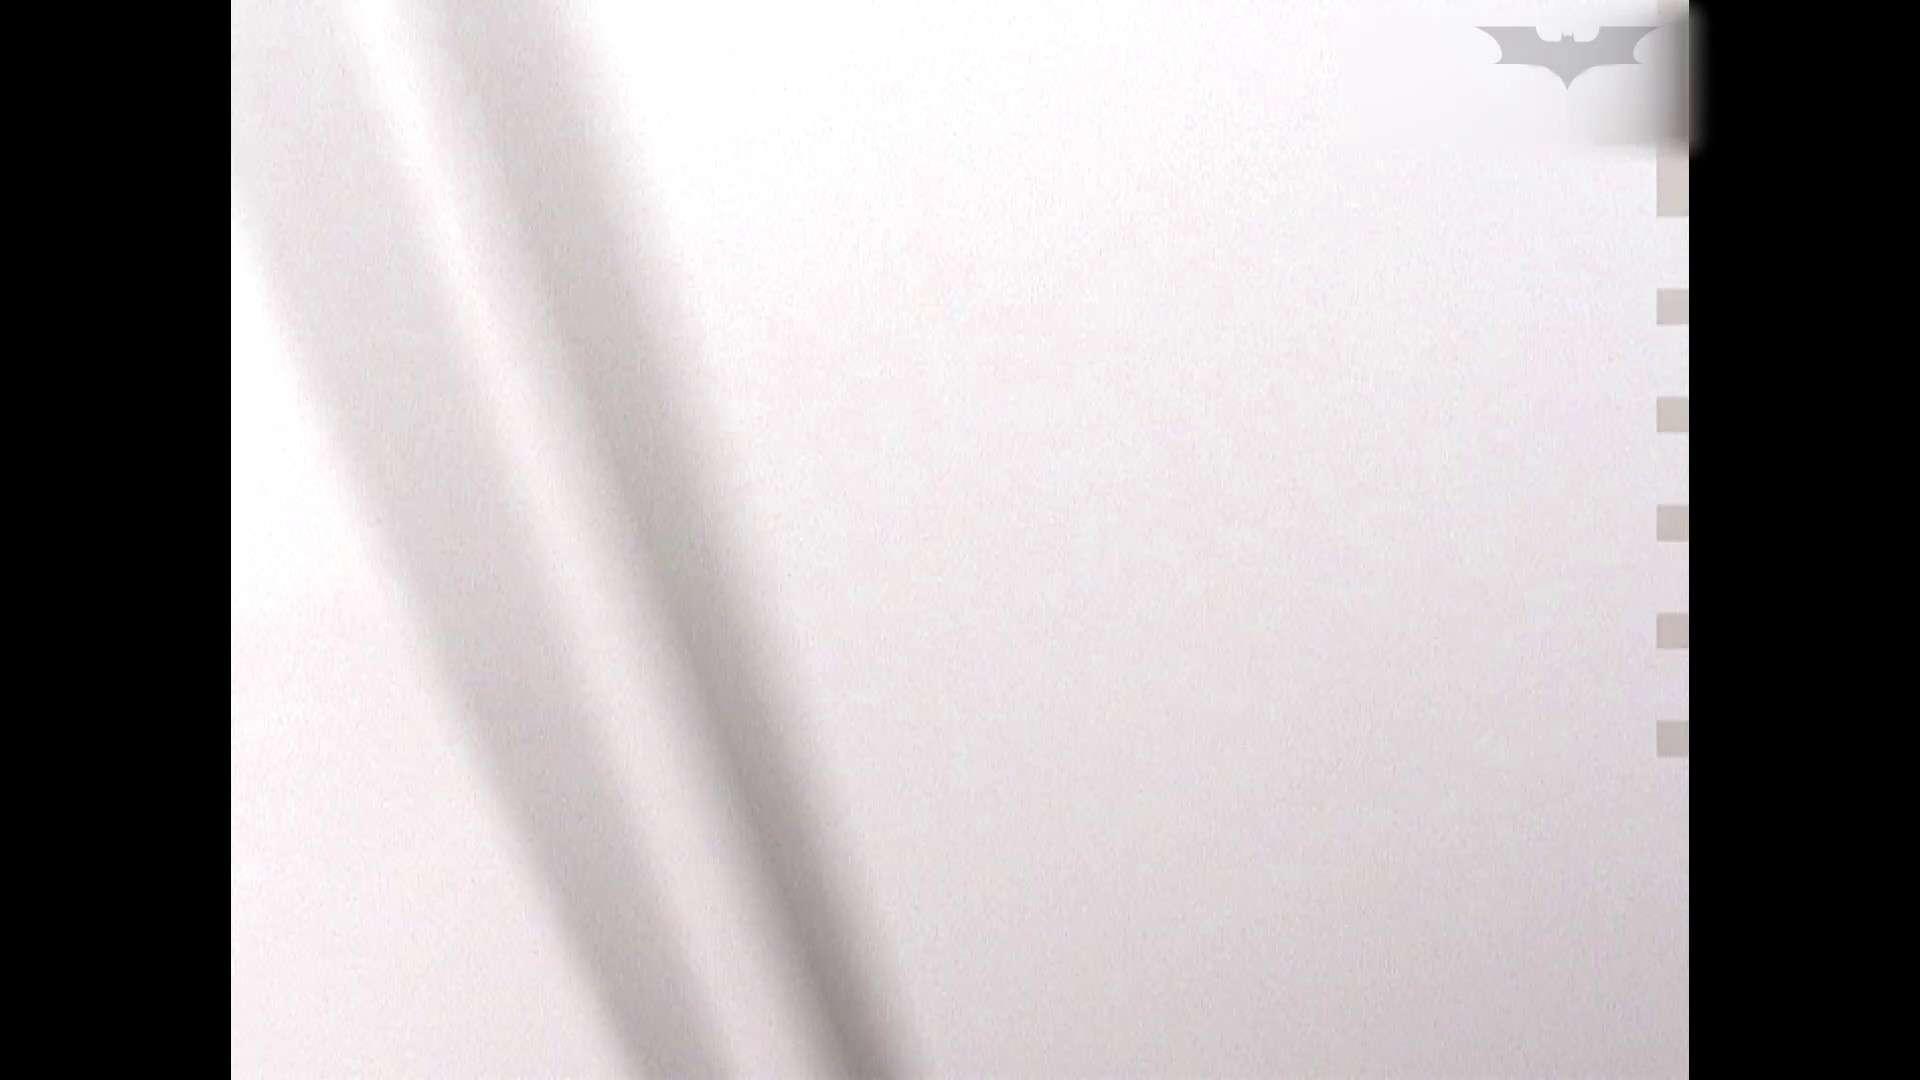 空爆和式フロント盛り合わせ! 期間限定神キタ!ツルピカの放nyo!Vol.21 いやらしいOL セックス無修正動画無料 98連発 66